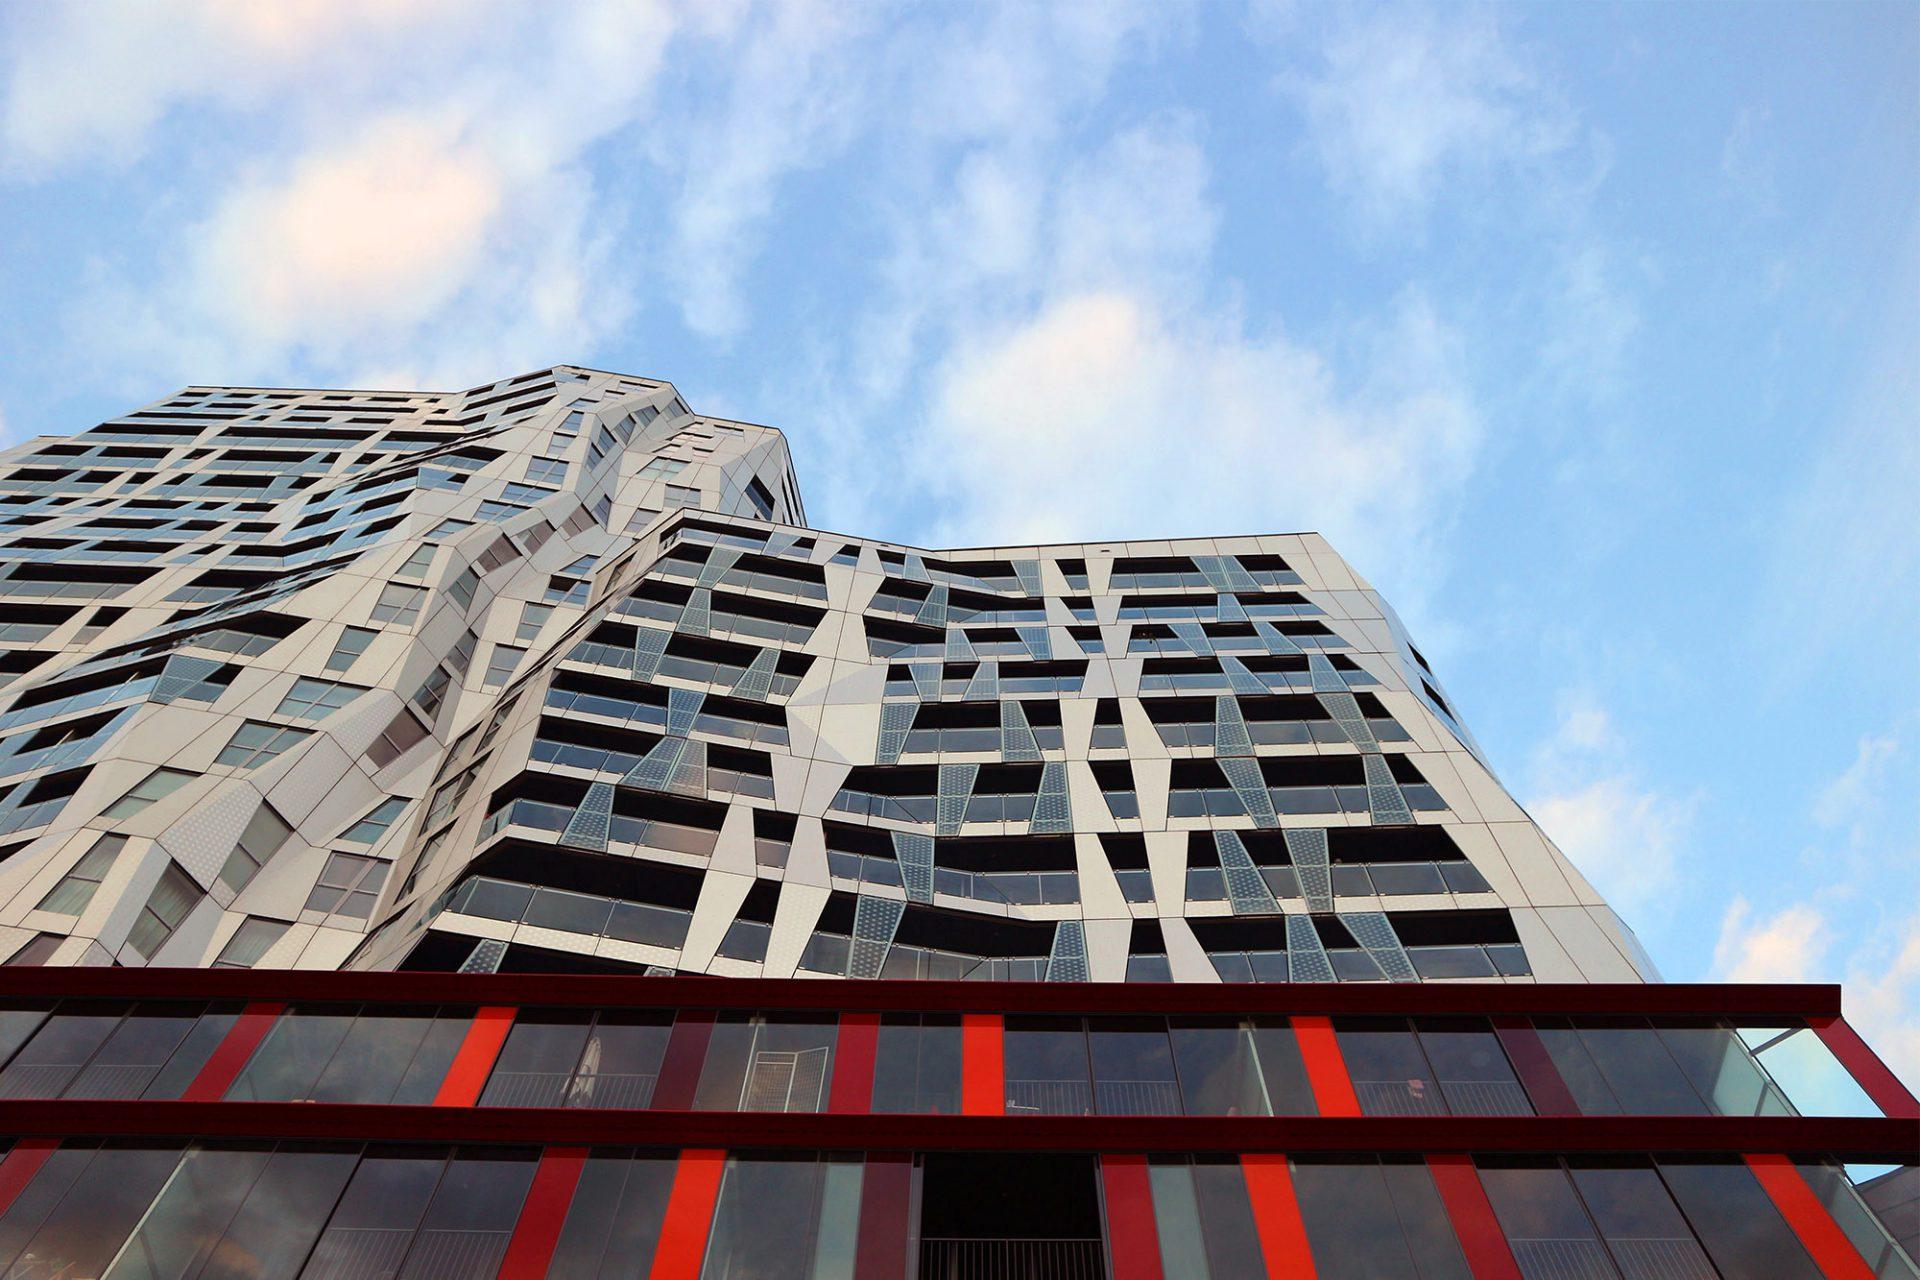 Calypso. Die Fassade ist lediglich mit Paneelen aus Rot- und Grauabtönungen verkleidet. Die Wände des Innenraums sind nicht geneigt.